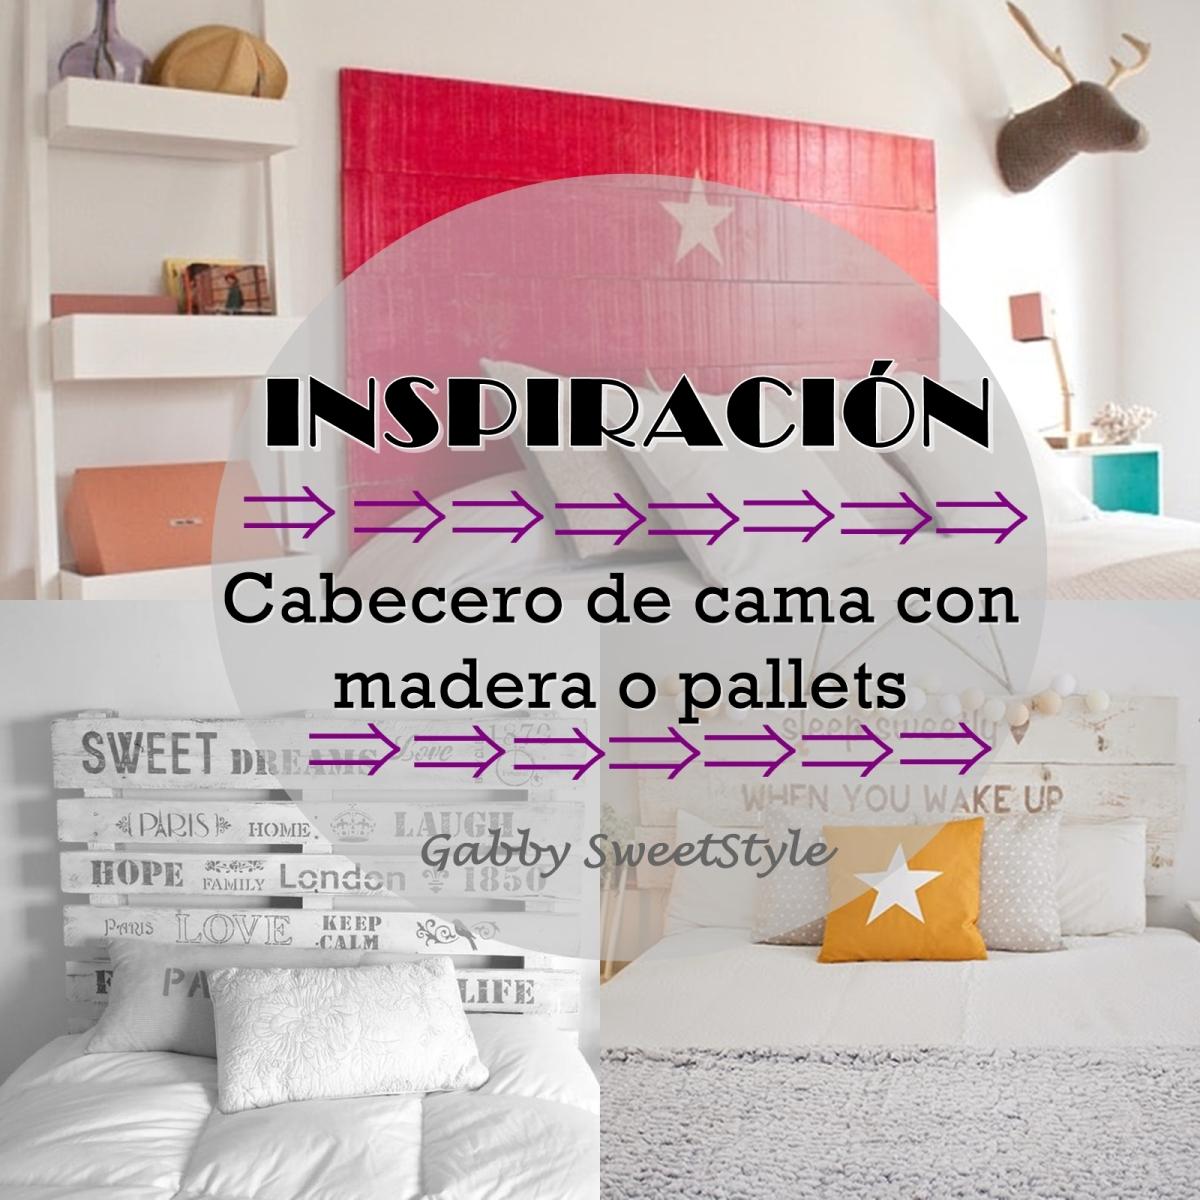 Inspiración: Cabecero de cama con madera o pallets